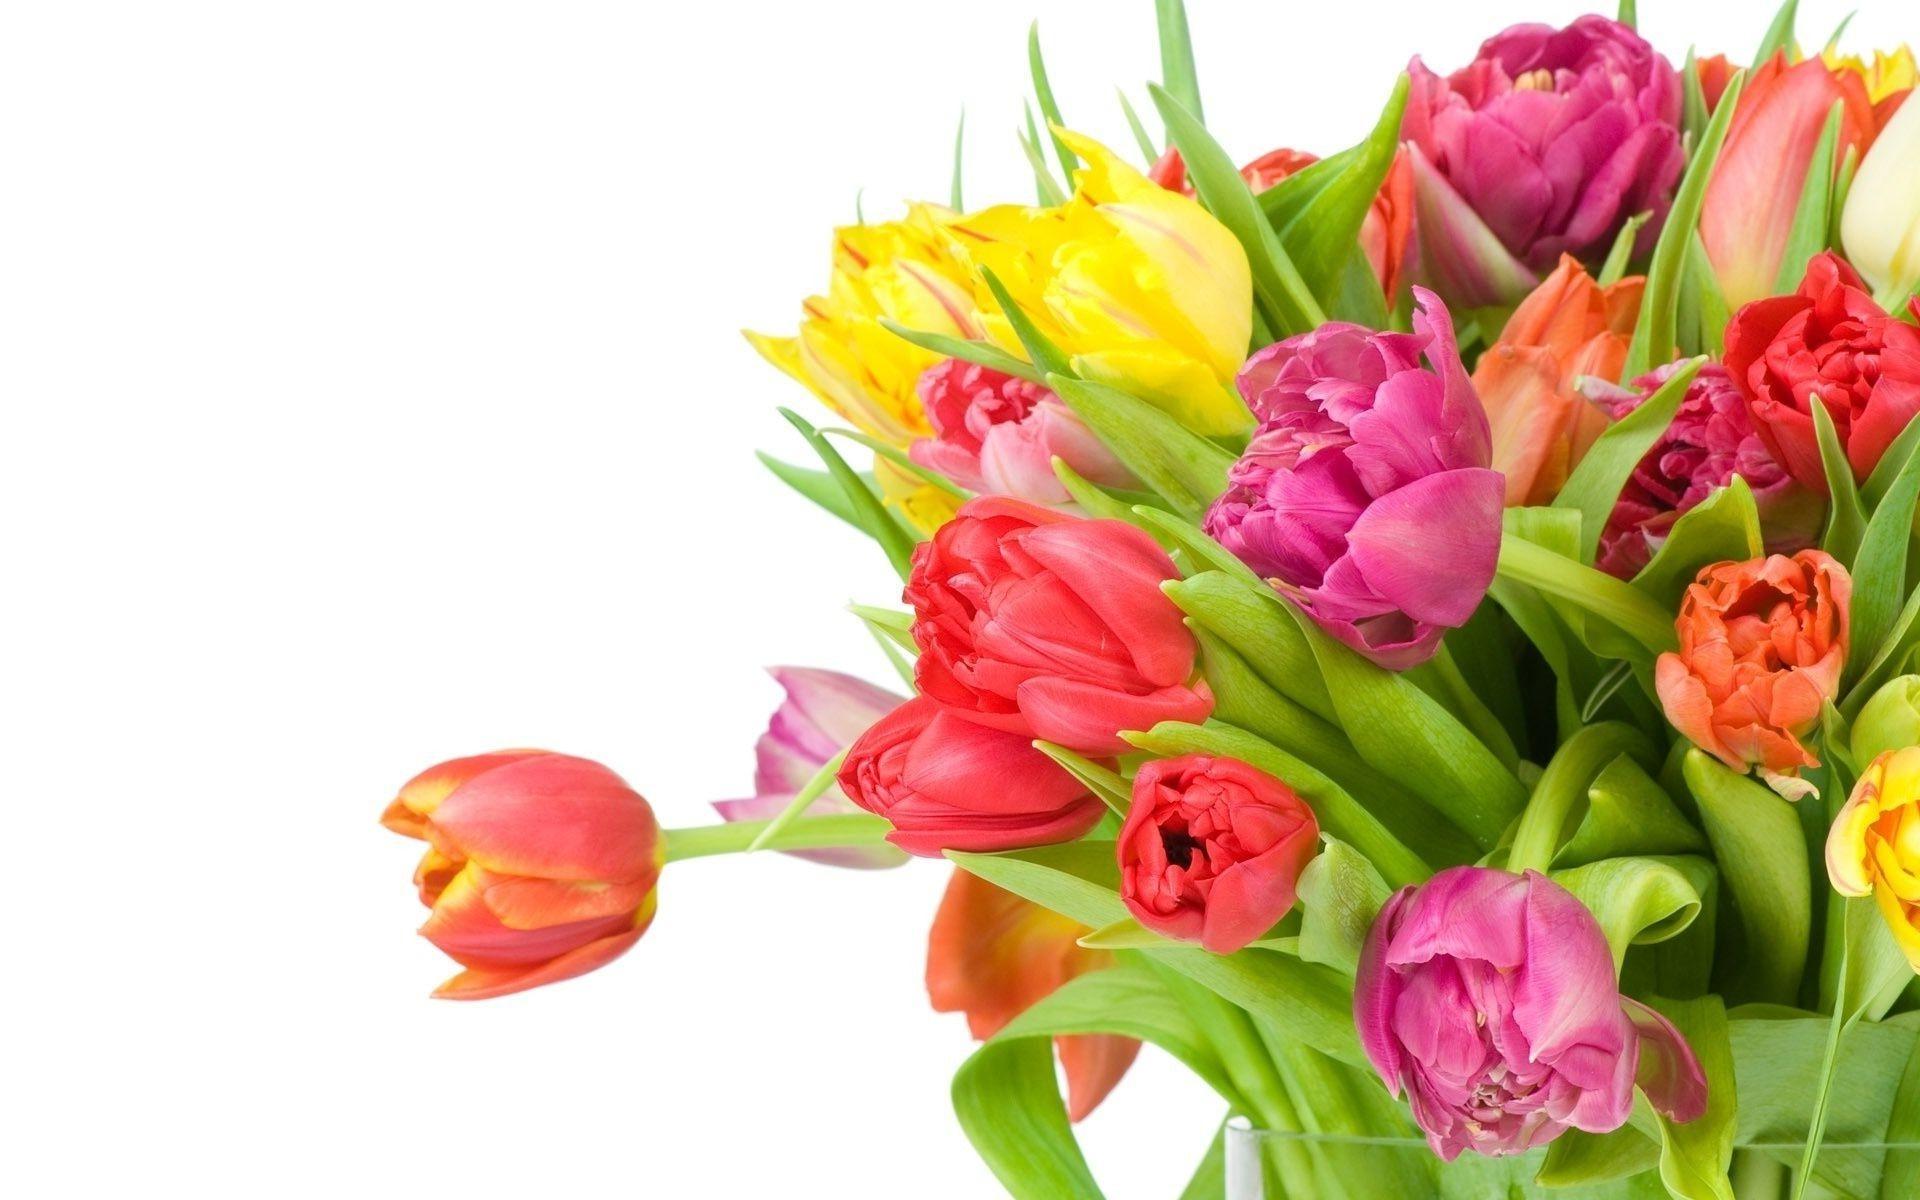 Цветы картинки для поздравлений, годовщиной свадьбы год